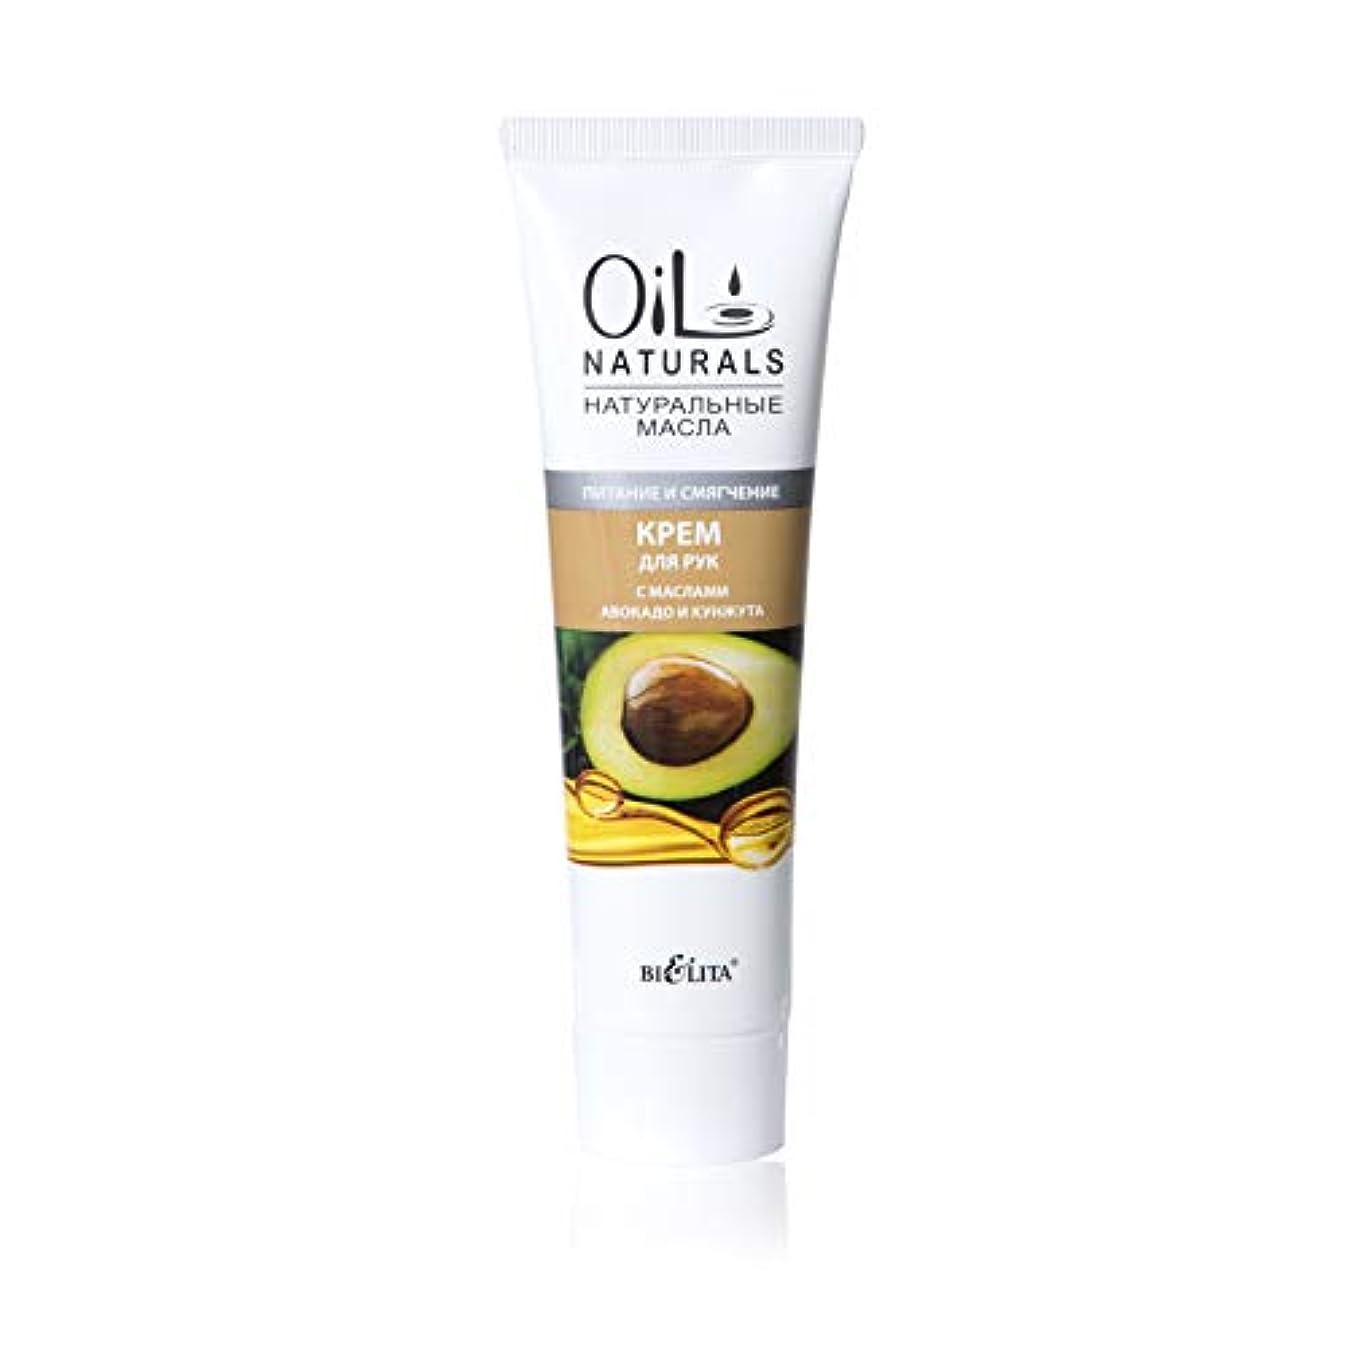 と組む極端な管理しますBielita & Vitex Oil Naturals Line   Nutrition & Softening Hand Cream, 100 ml   Avocado Oil, Silk Proteins, Sesame Oil, Vitamins